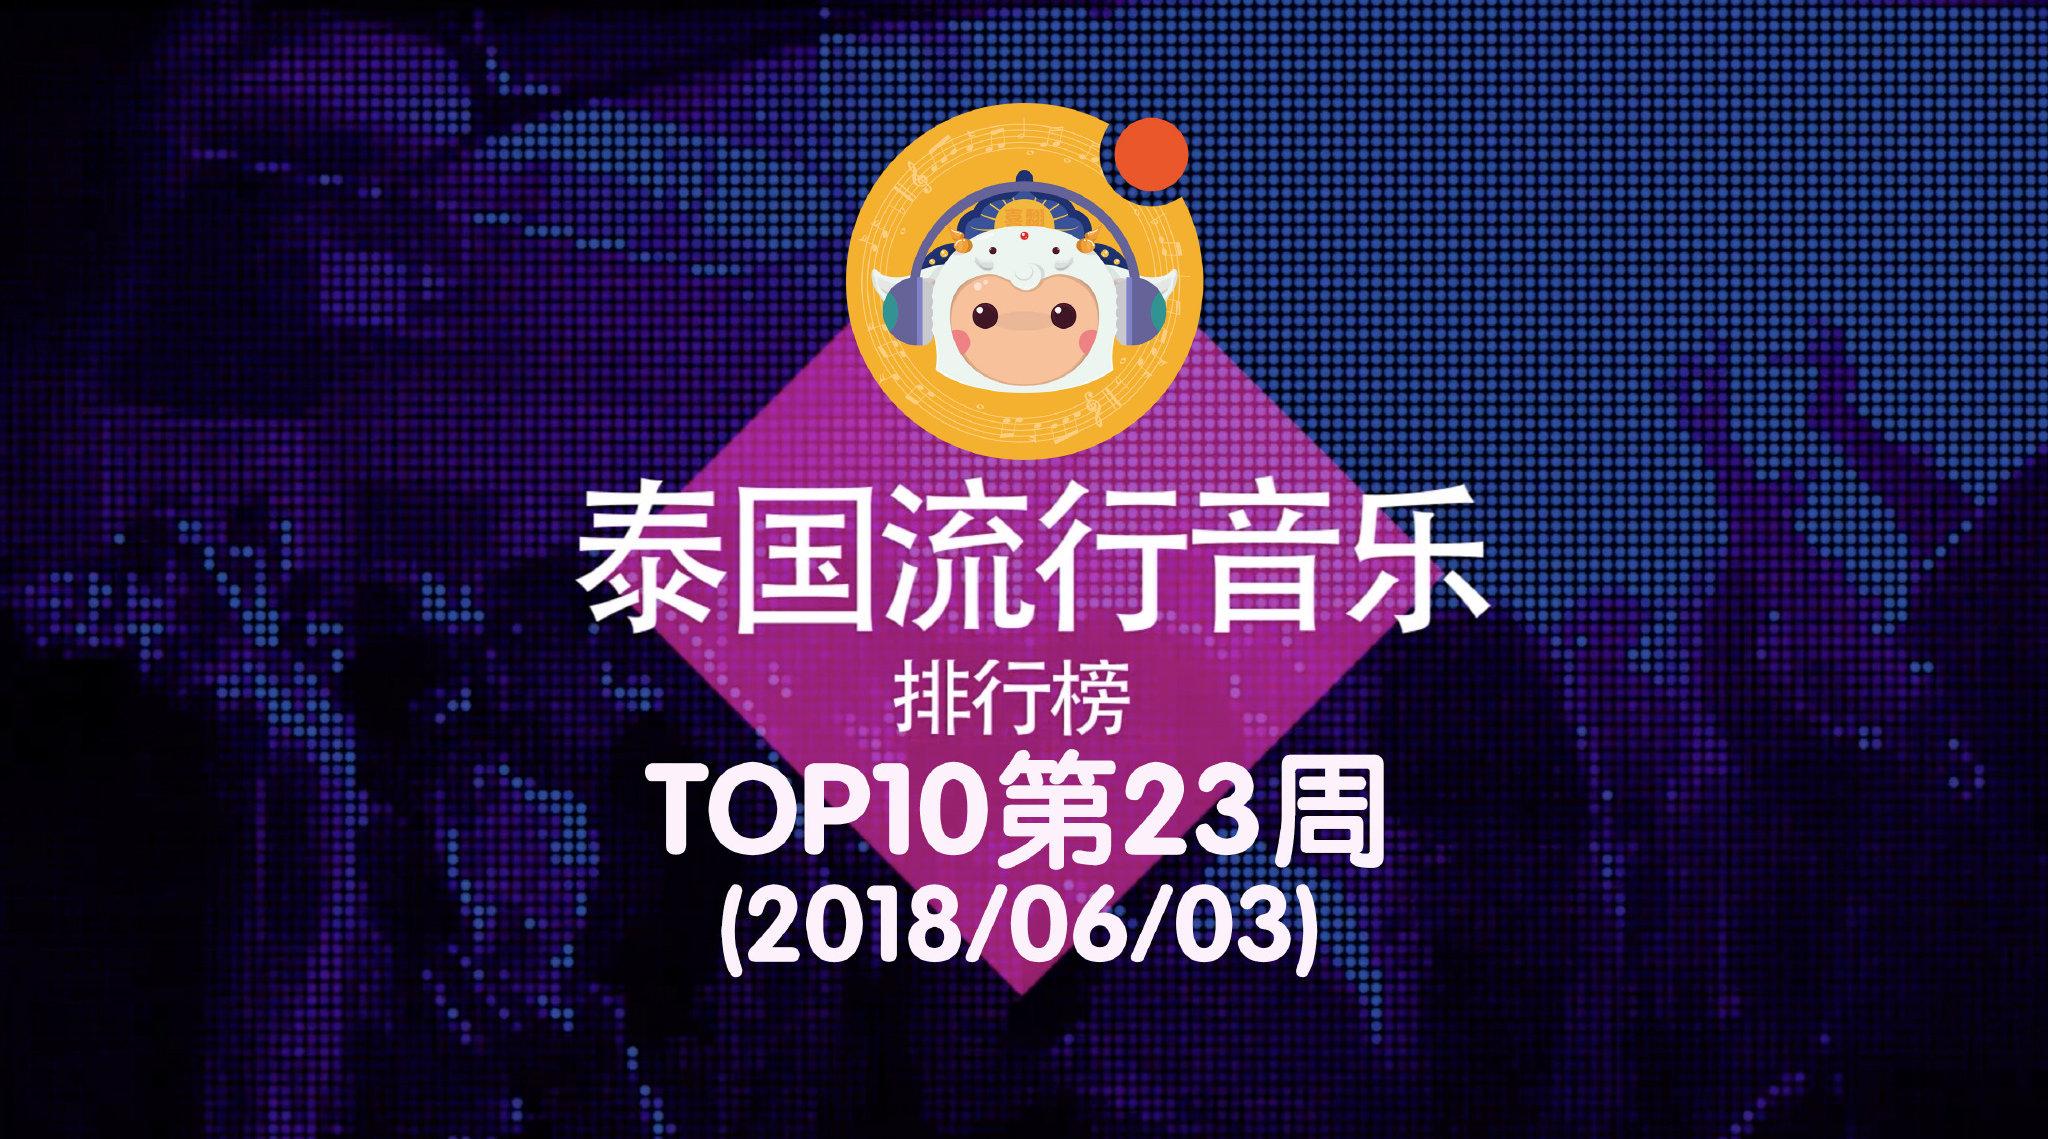 2019流行音乐排行榜_最洗脑的3首神器,熬夜的时候千万别听,让你一夜嗨爆